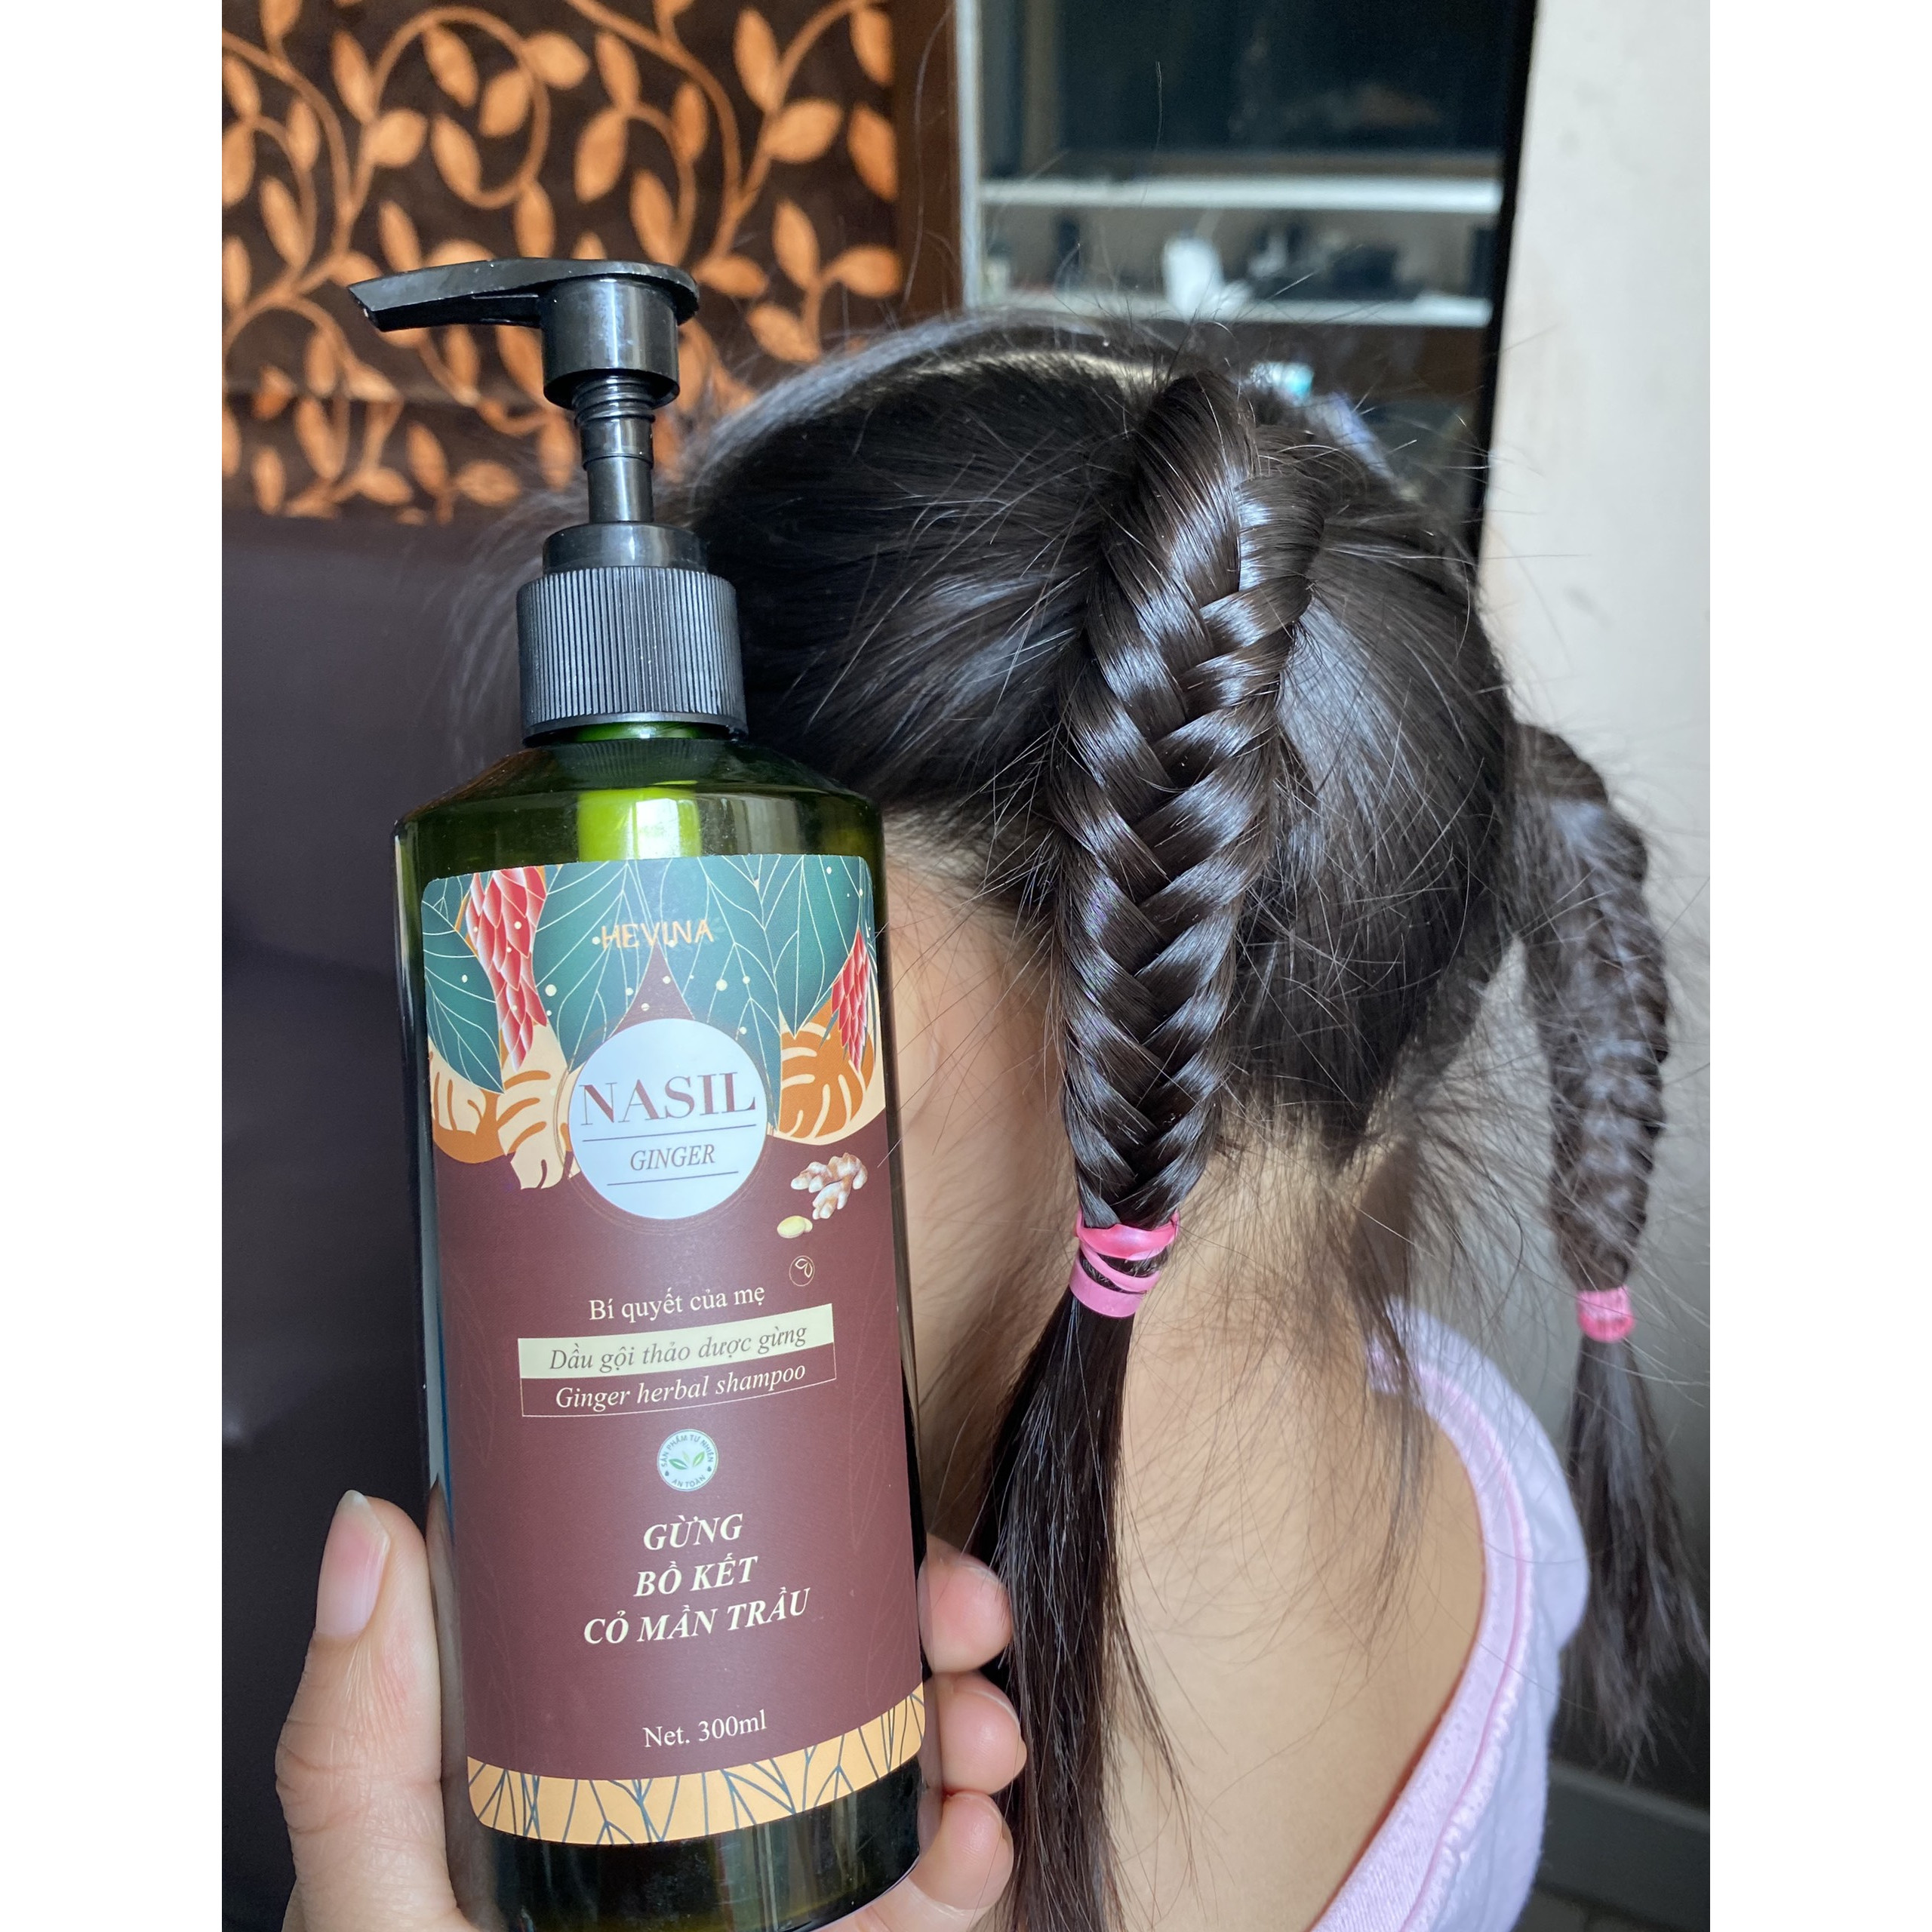 Dầu gội dưỡng sinh NASIL gừng phục hồi tóc hư tổn, sạch gàu, lưu thông khí huyết, tóc mọc nhanh dày ,bồng bềnh